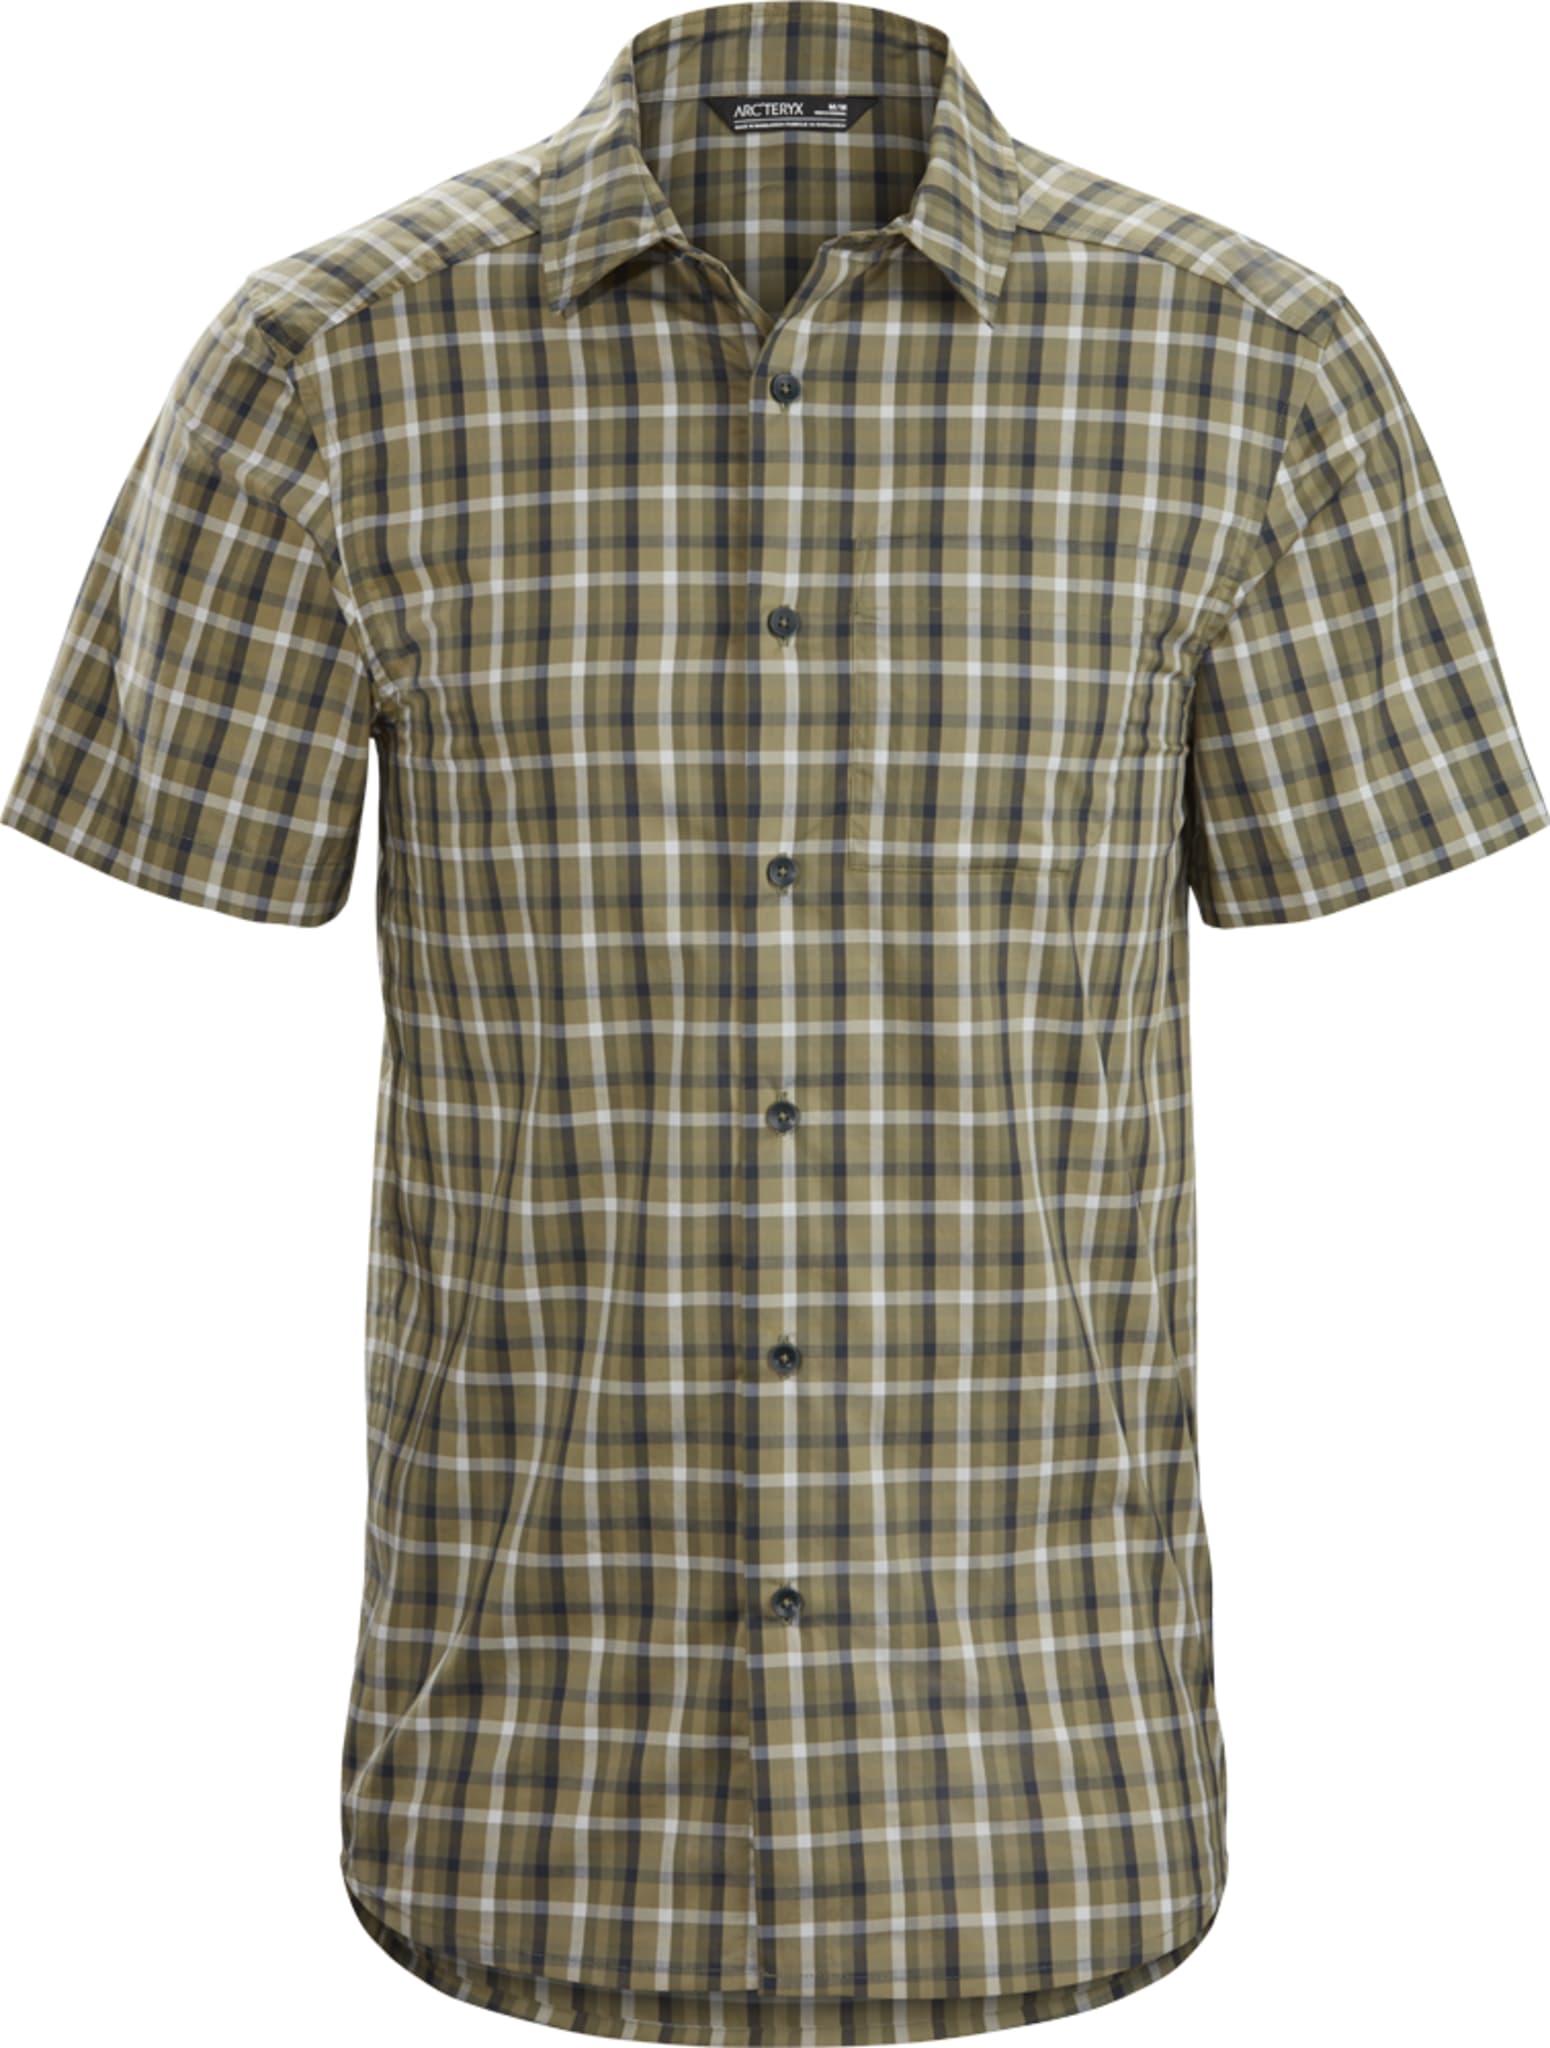 Behgagelig og lett skjorte for sommerdager og varme turer